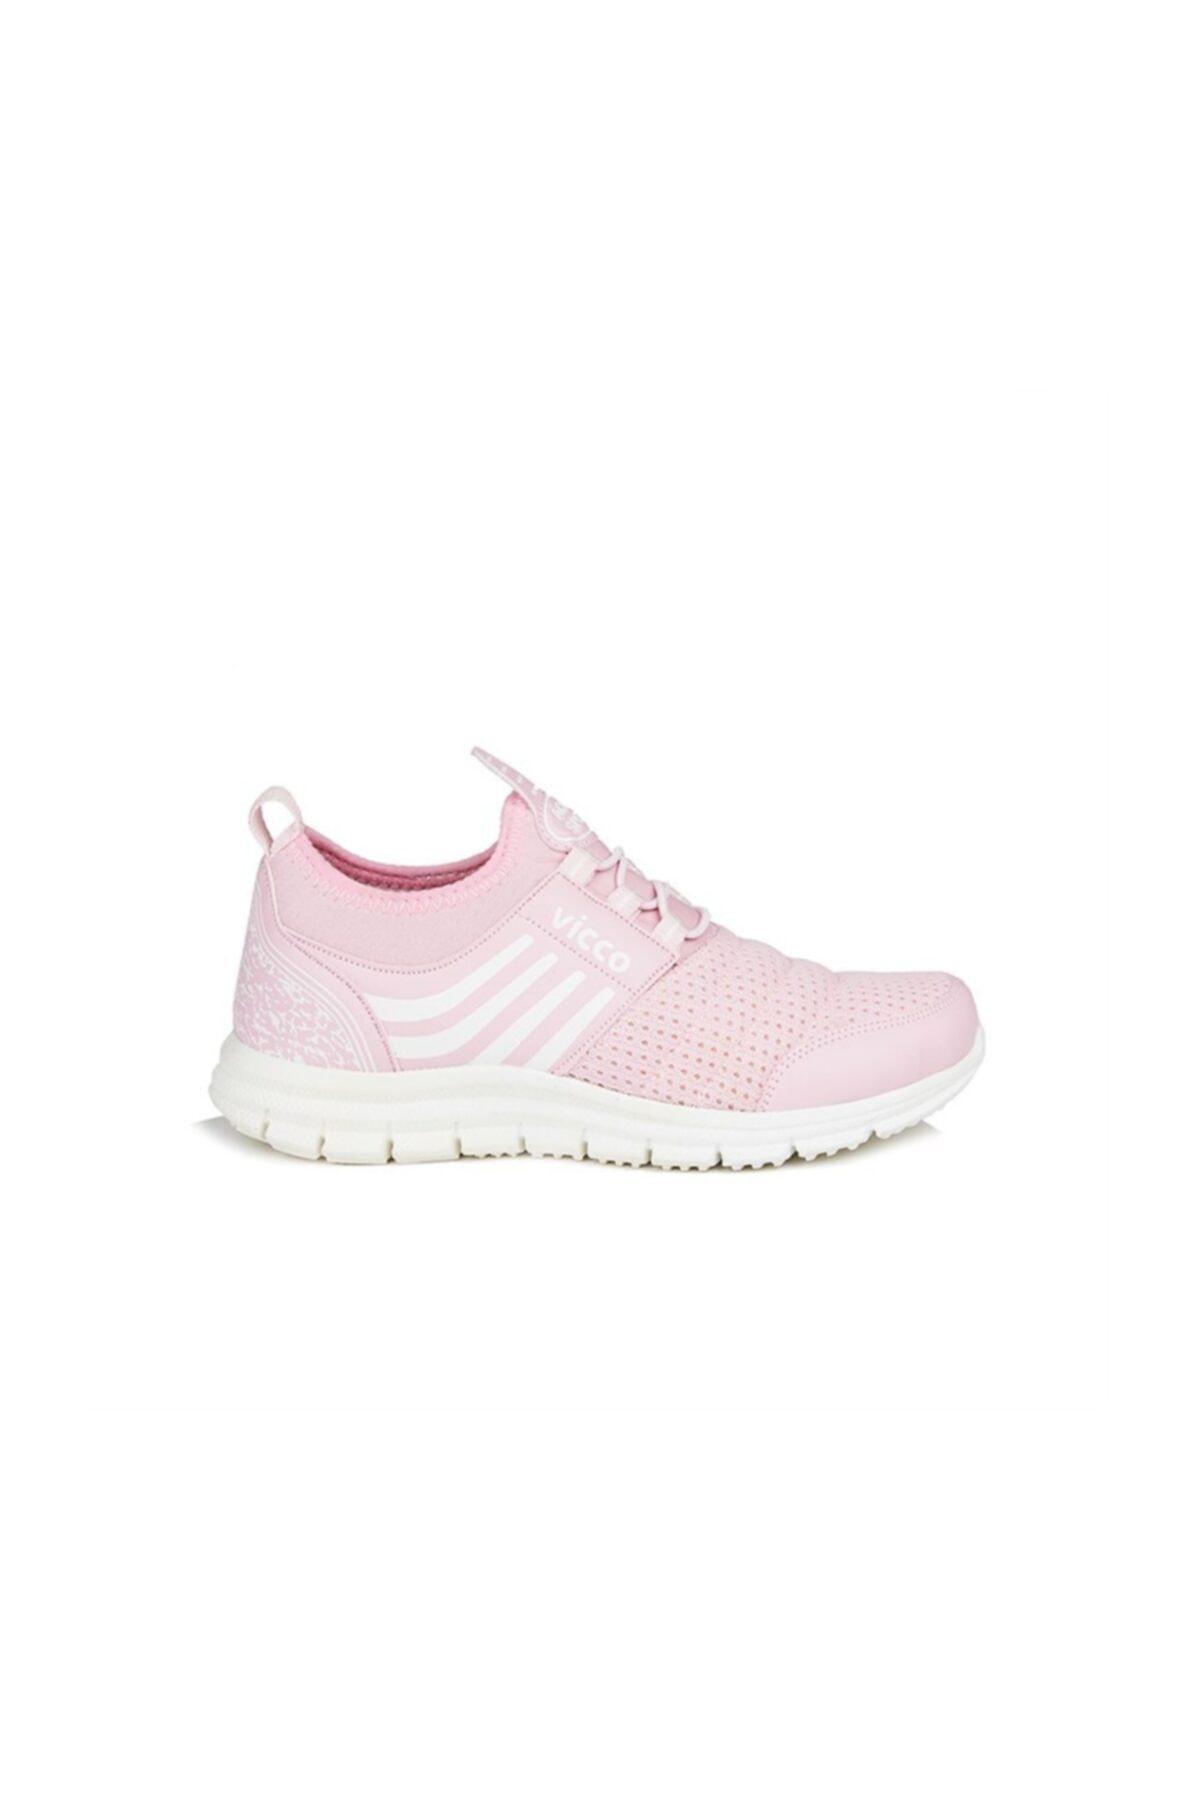 Vicco Aqua Spor Ayakkabı Pembe 2